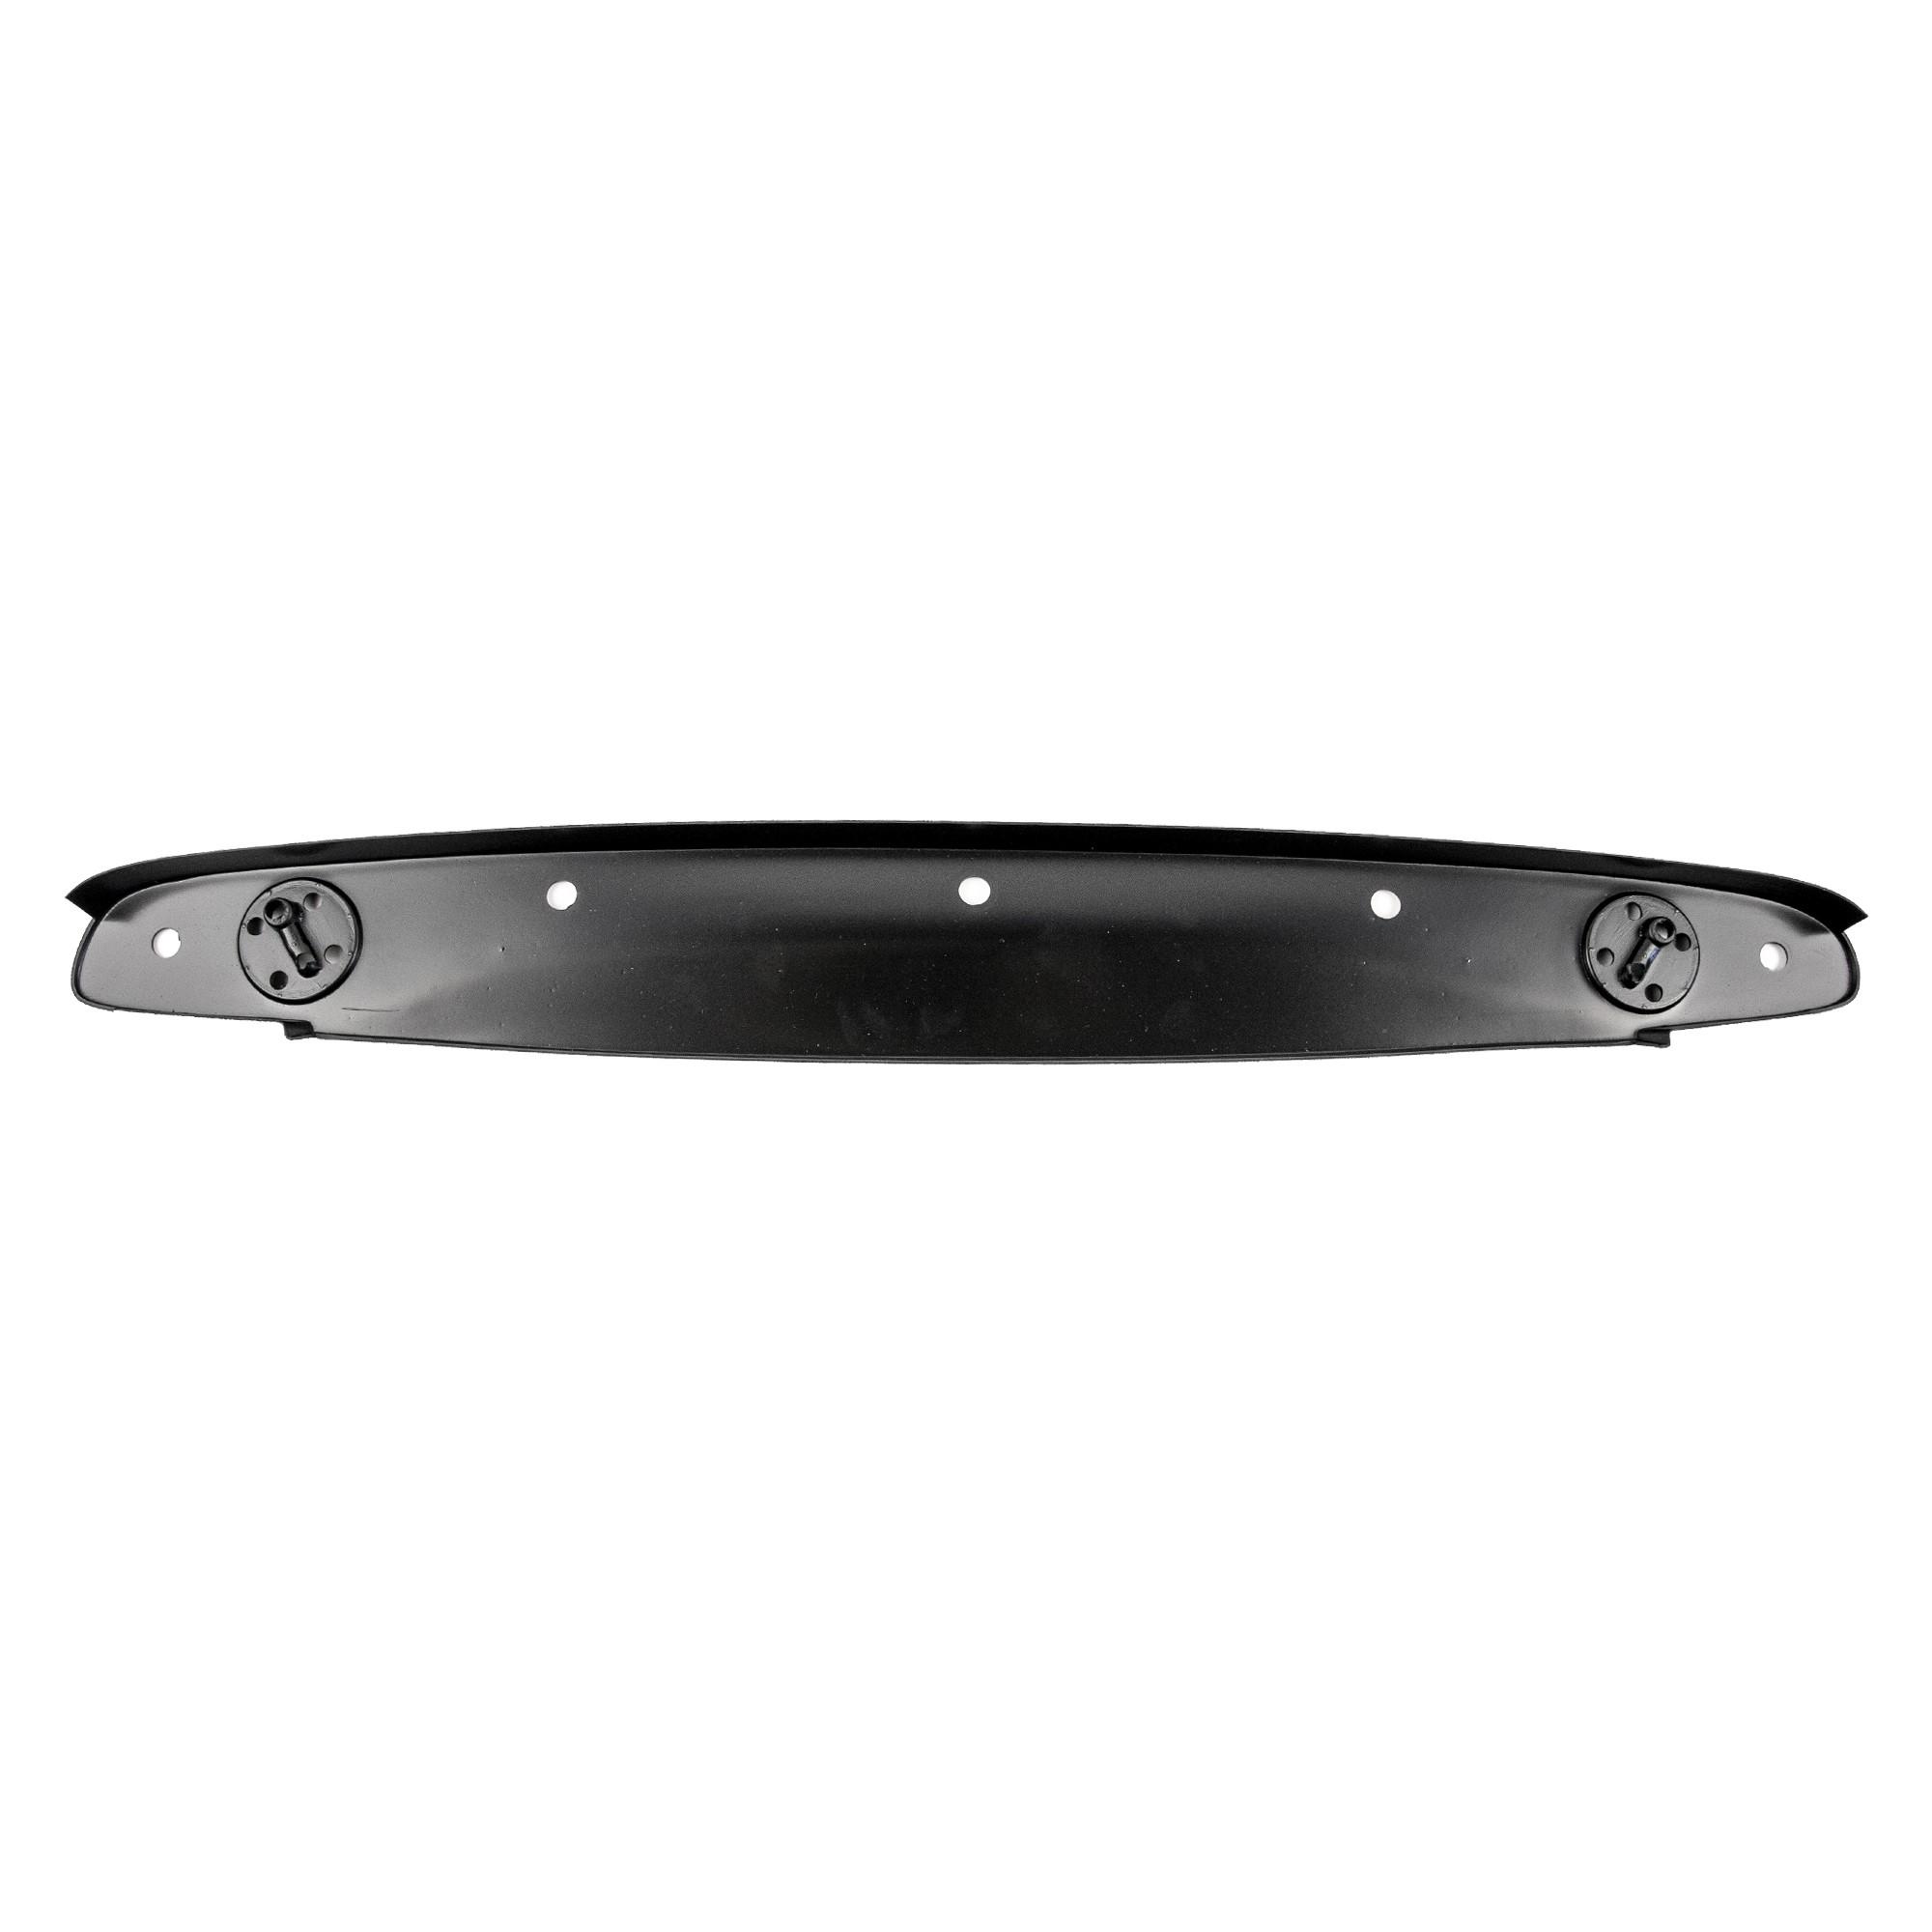 Дефлектор обогрева лобового стекла для LADA Largus, XRAY; Renault Logan, Sandero1